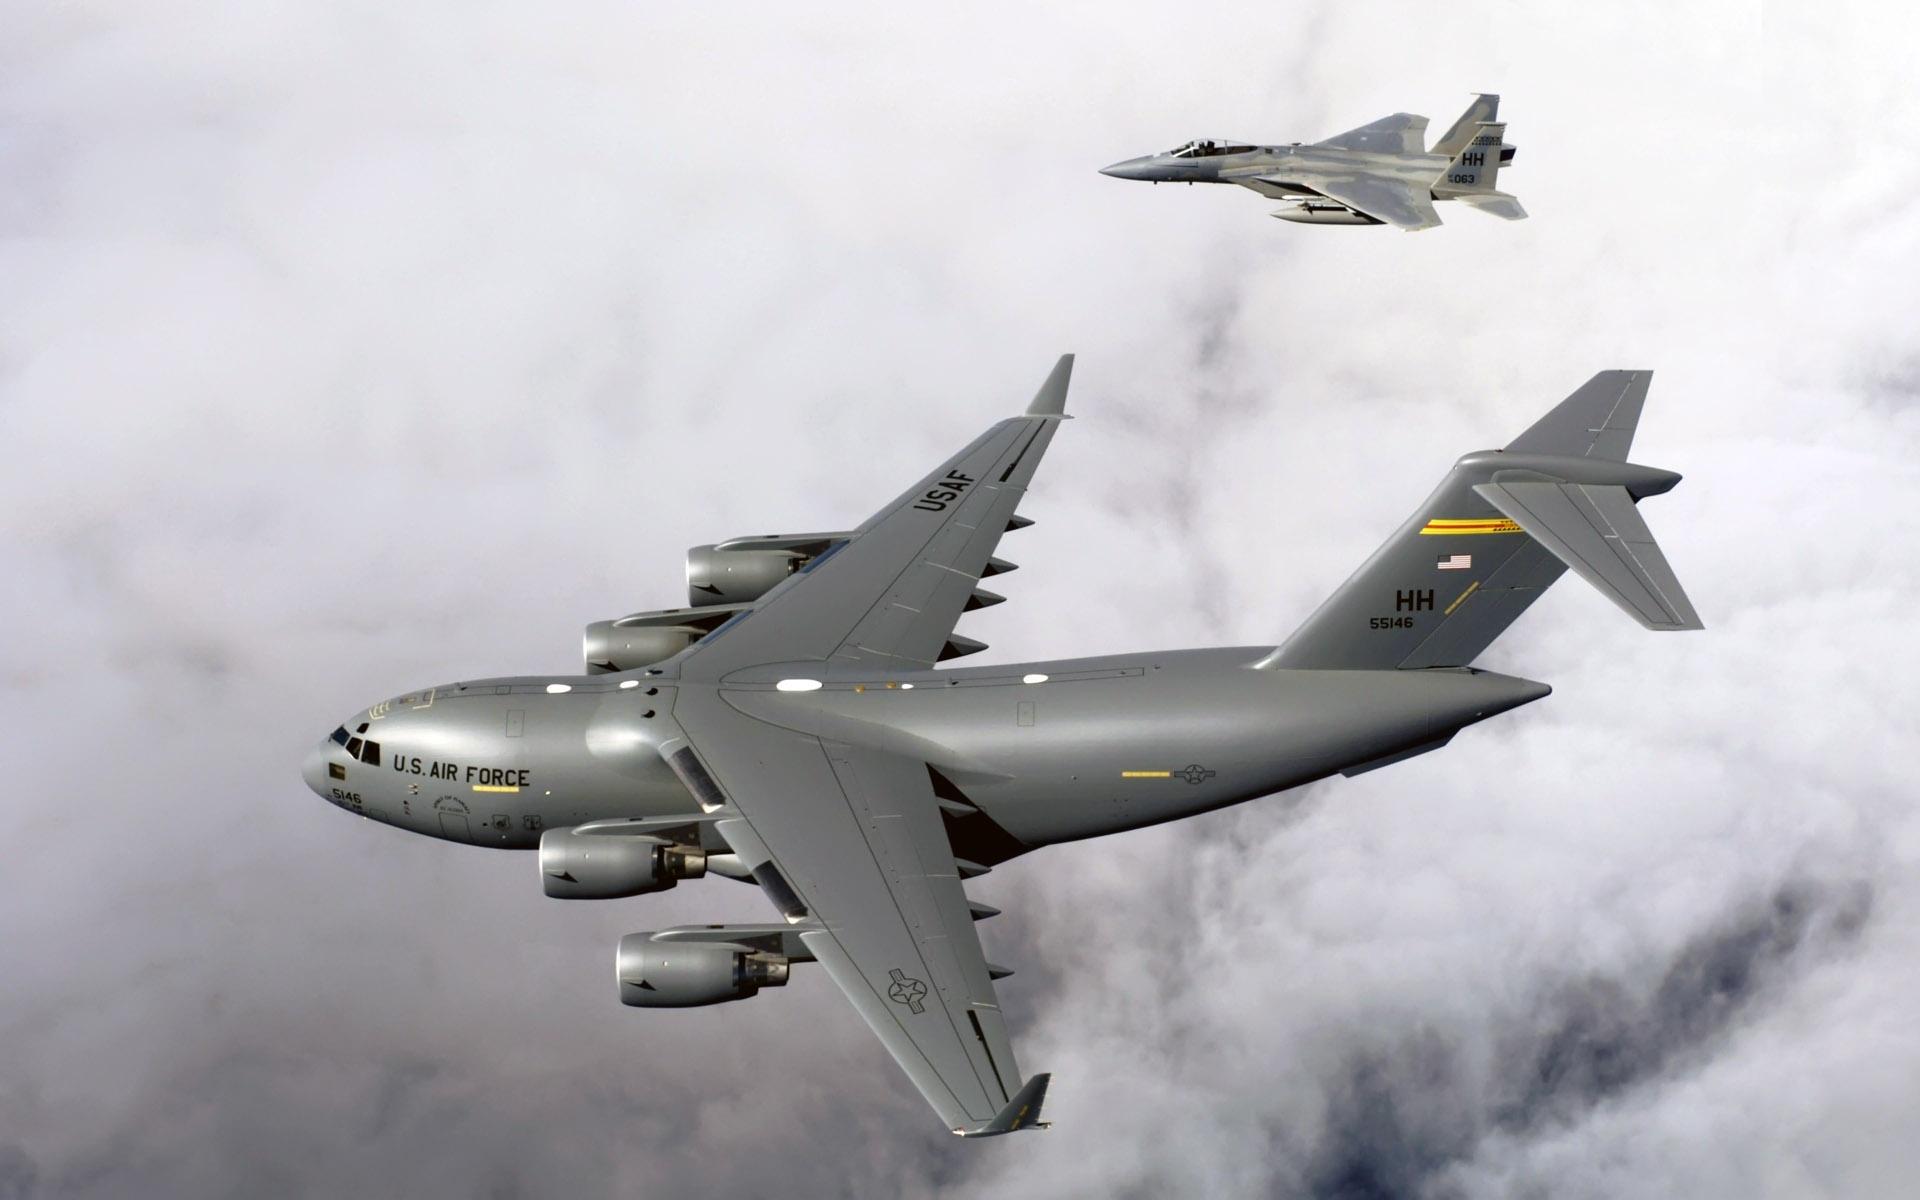 Обои самолеты, c-17 globemaster. Авиация foto 16